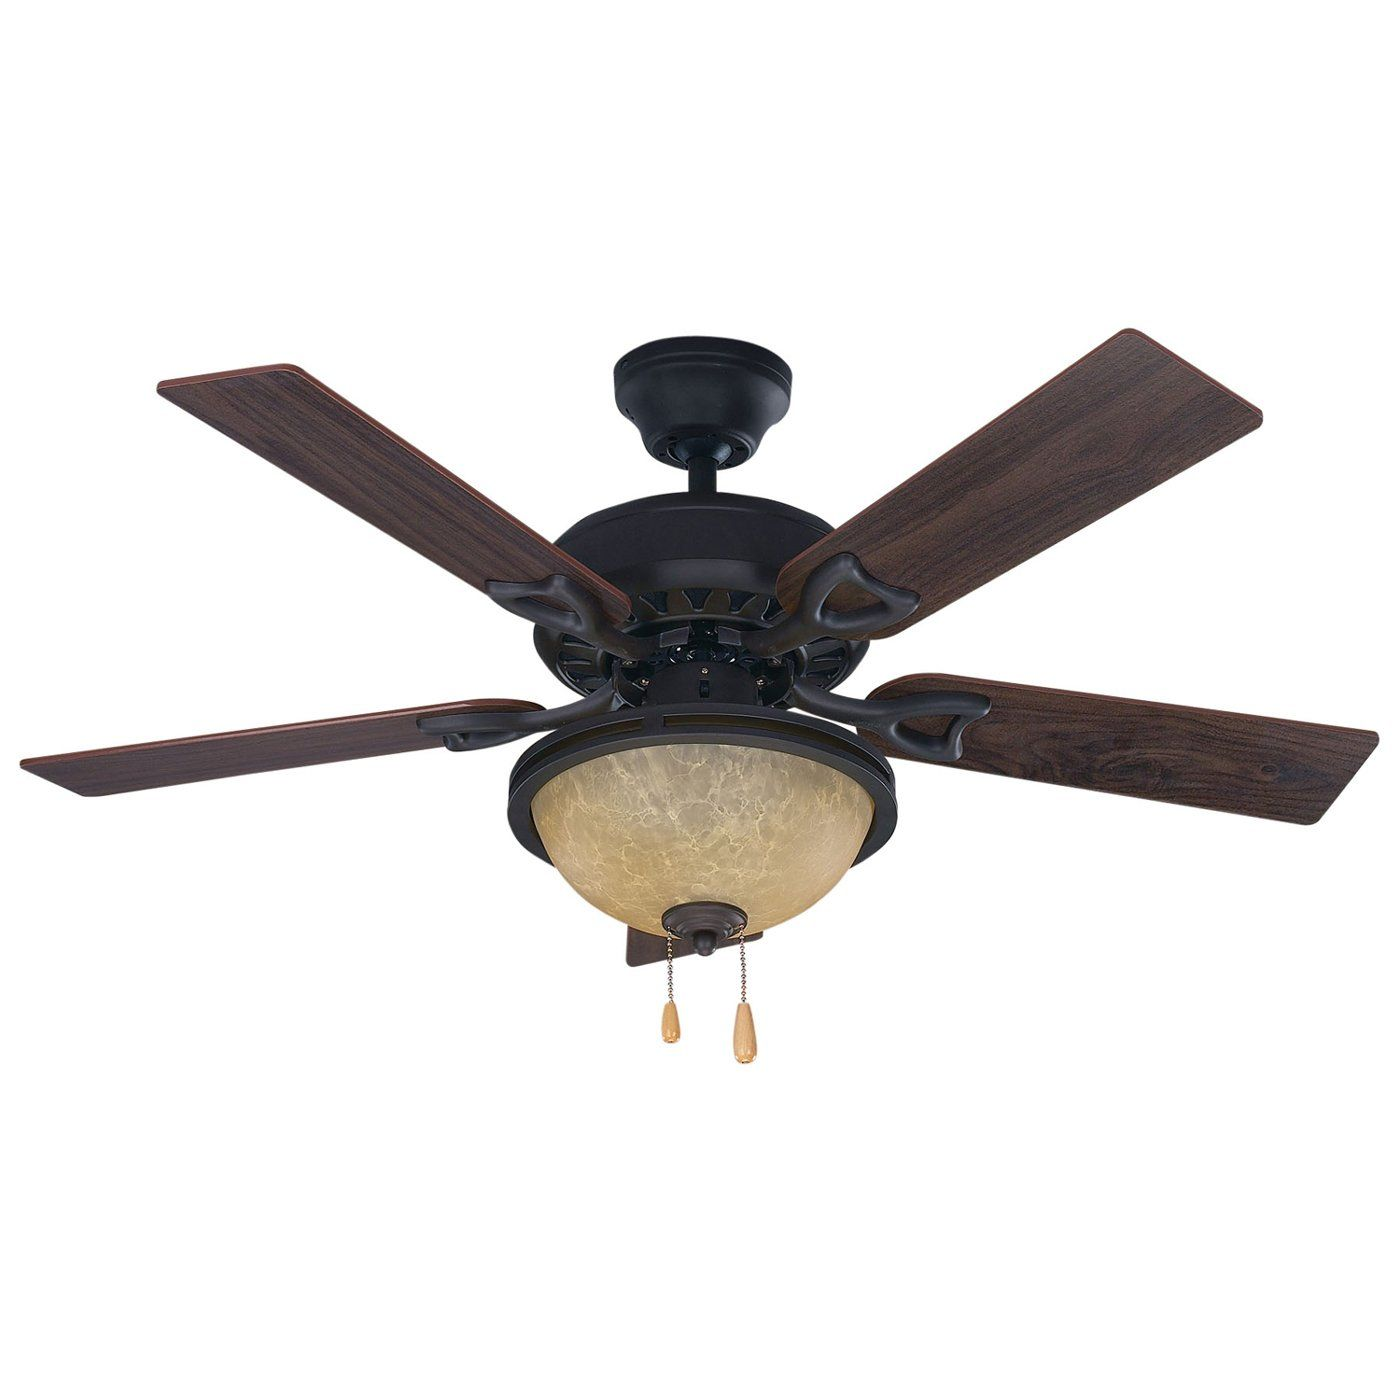 Canarm Cf42mir5orb 2 Light 42in Ceiling Fan Walnut Lighting Universe 105 60 Bronze Ceiling Fan Ceiling Fan Ceiling Fan With Light Cheap ceiling fans for sale